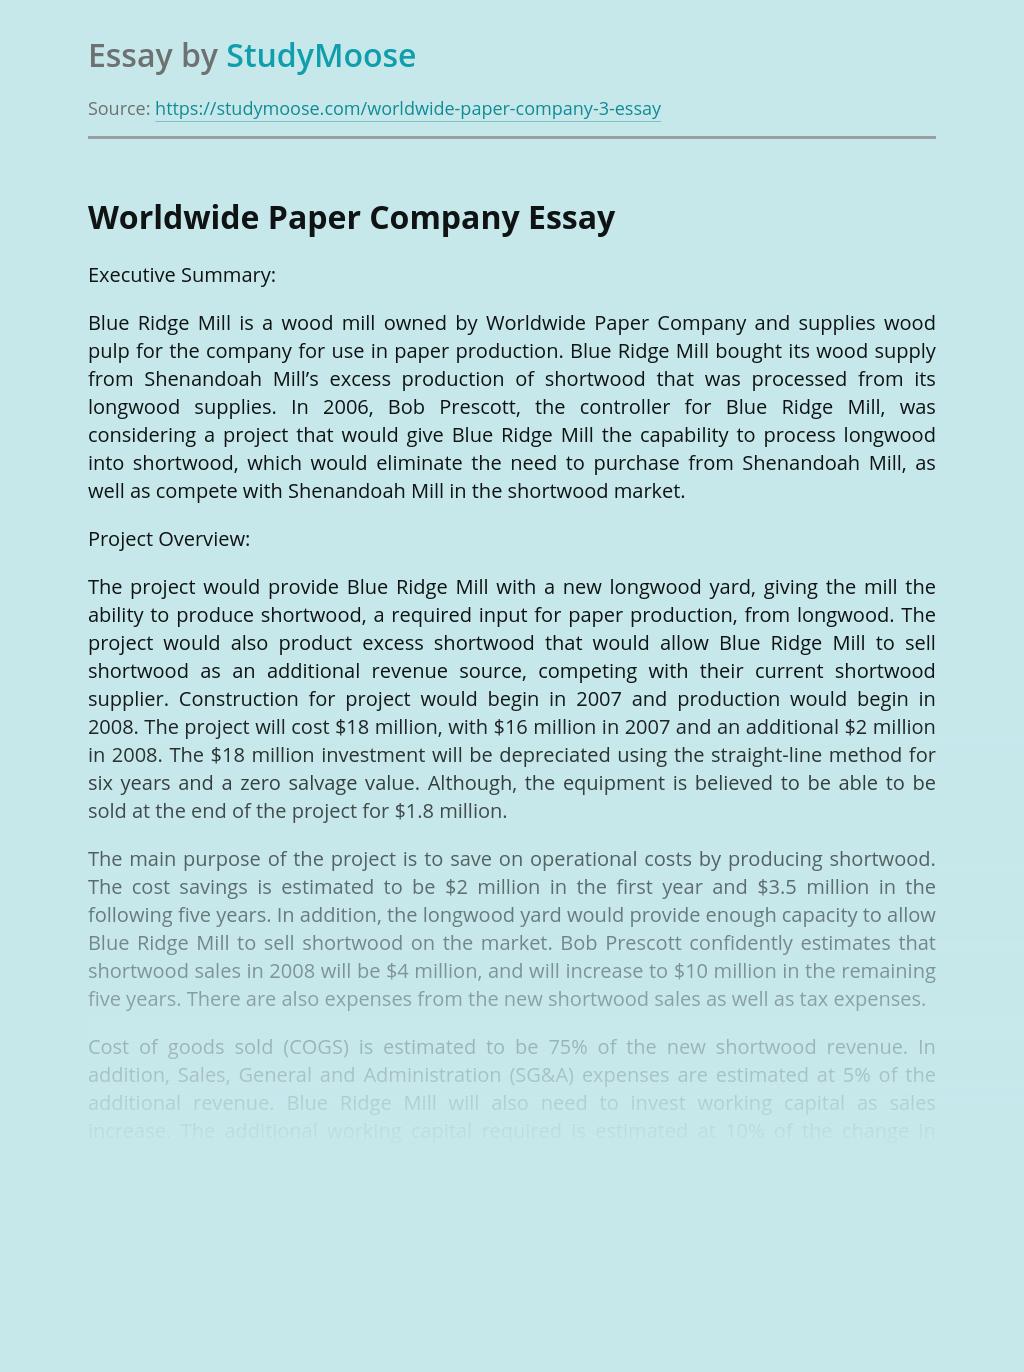 Worldwide Paper Company: Blue Ridge Mill Project Analysis